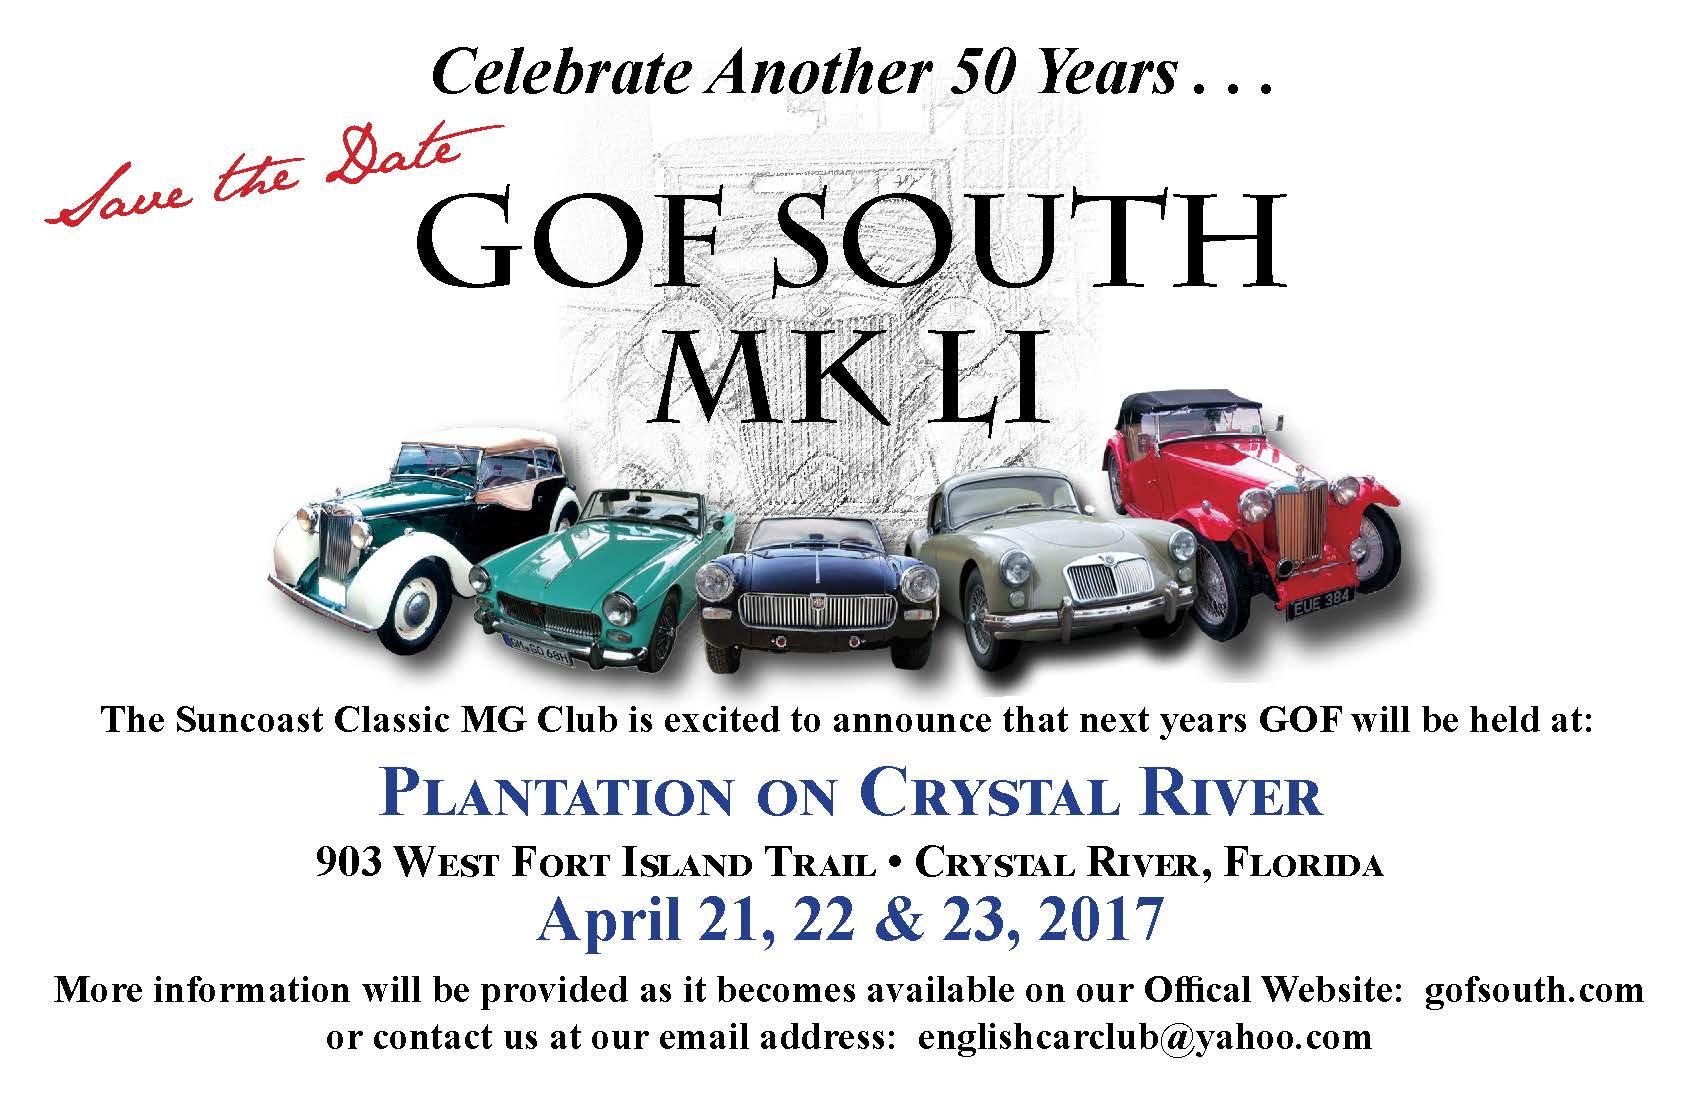 GOF South 2017 Mk LI - Crystal River, FL.